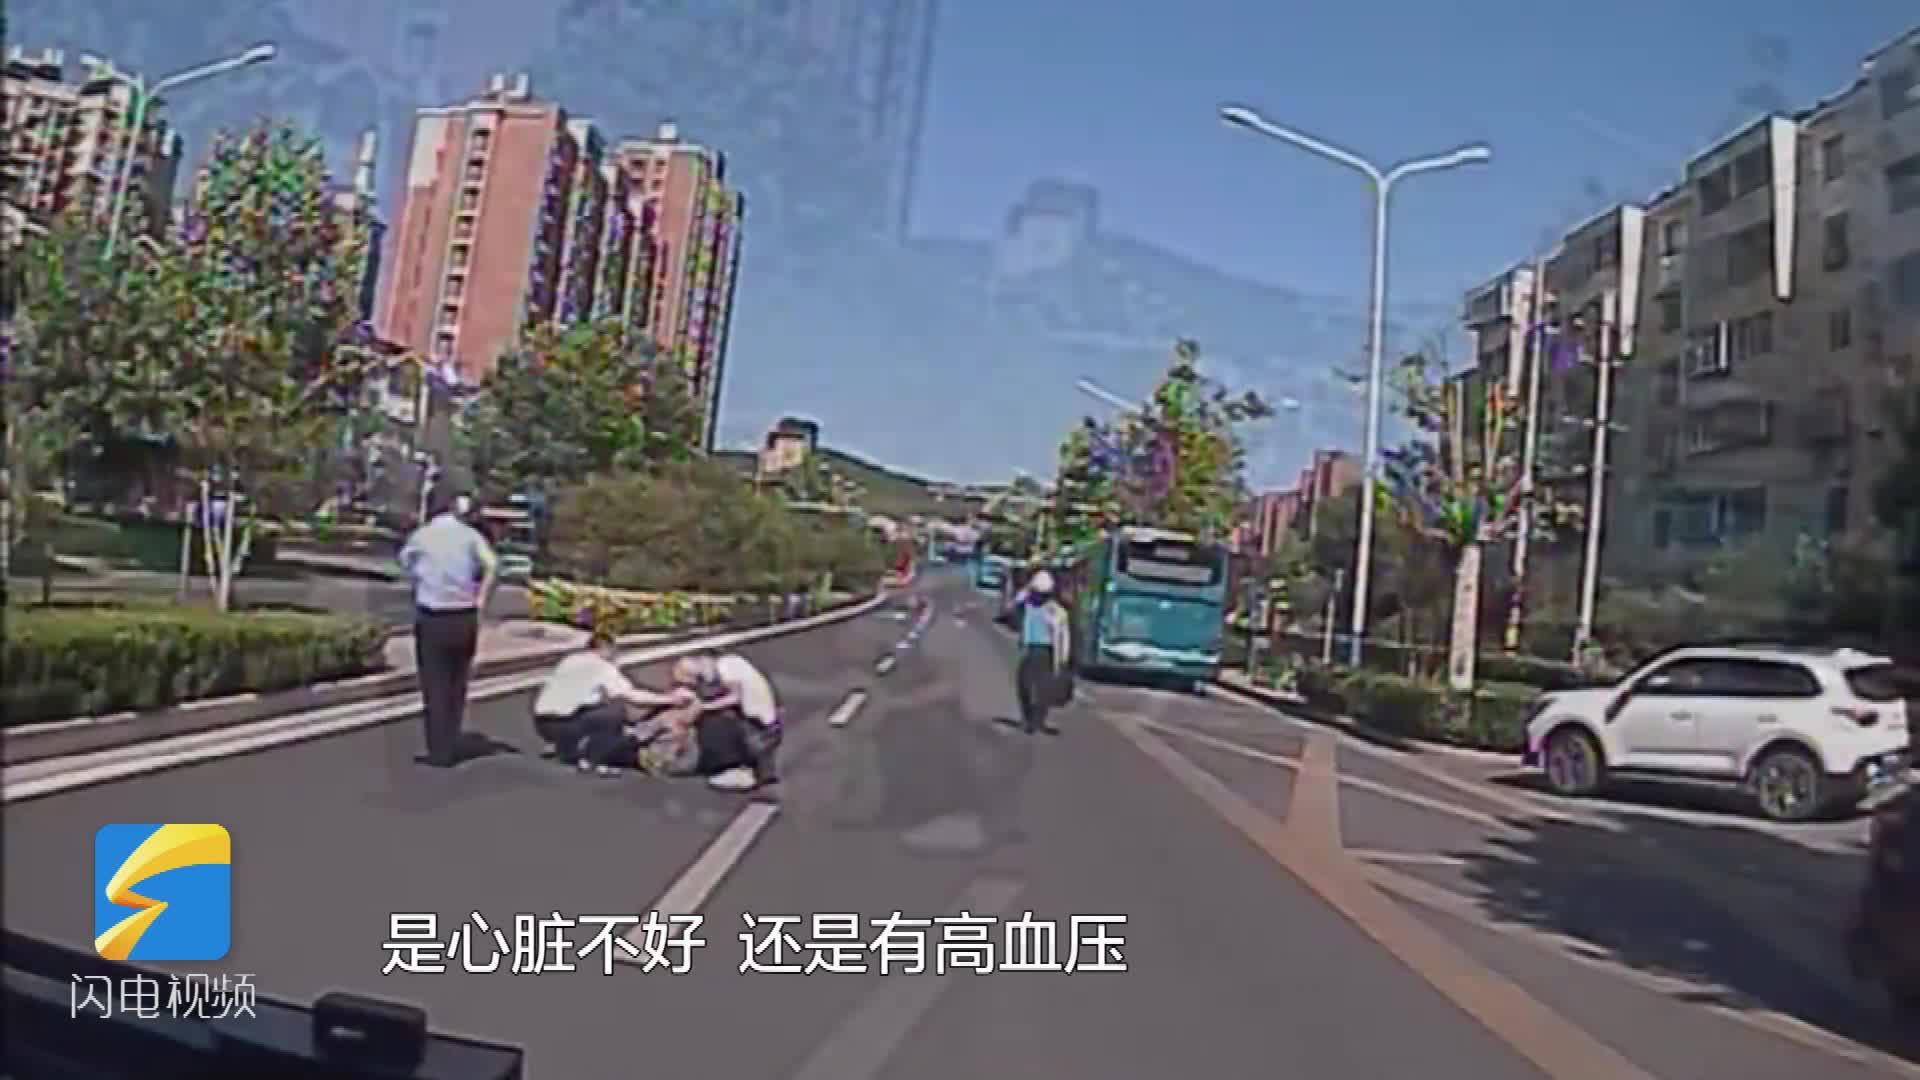 济南一老人突然仰面摔倒在快车道上 众人合力救助